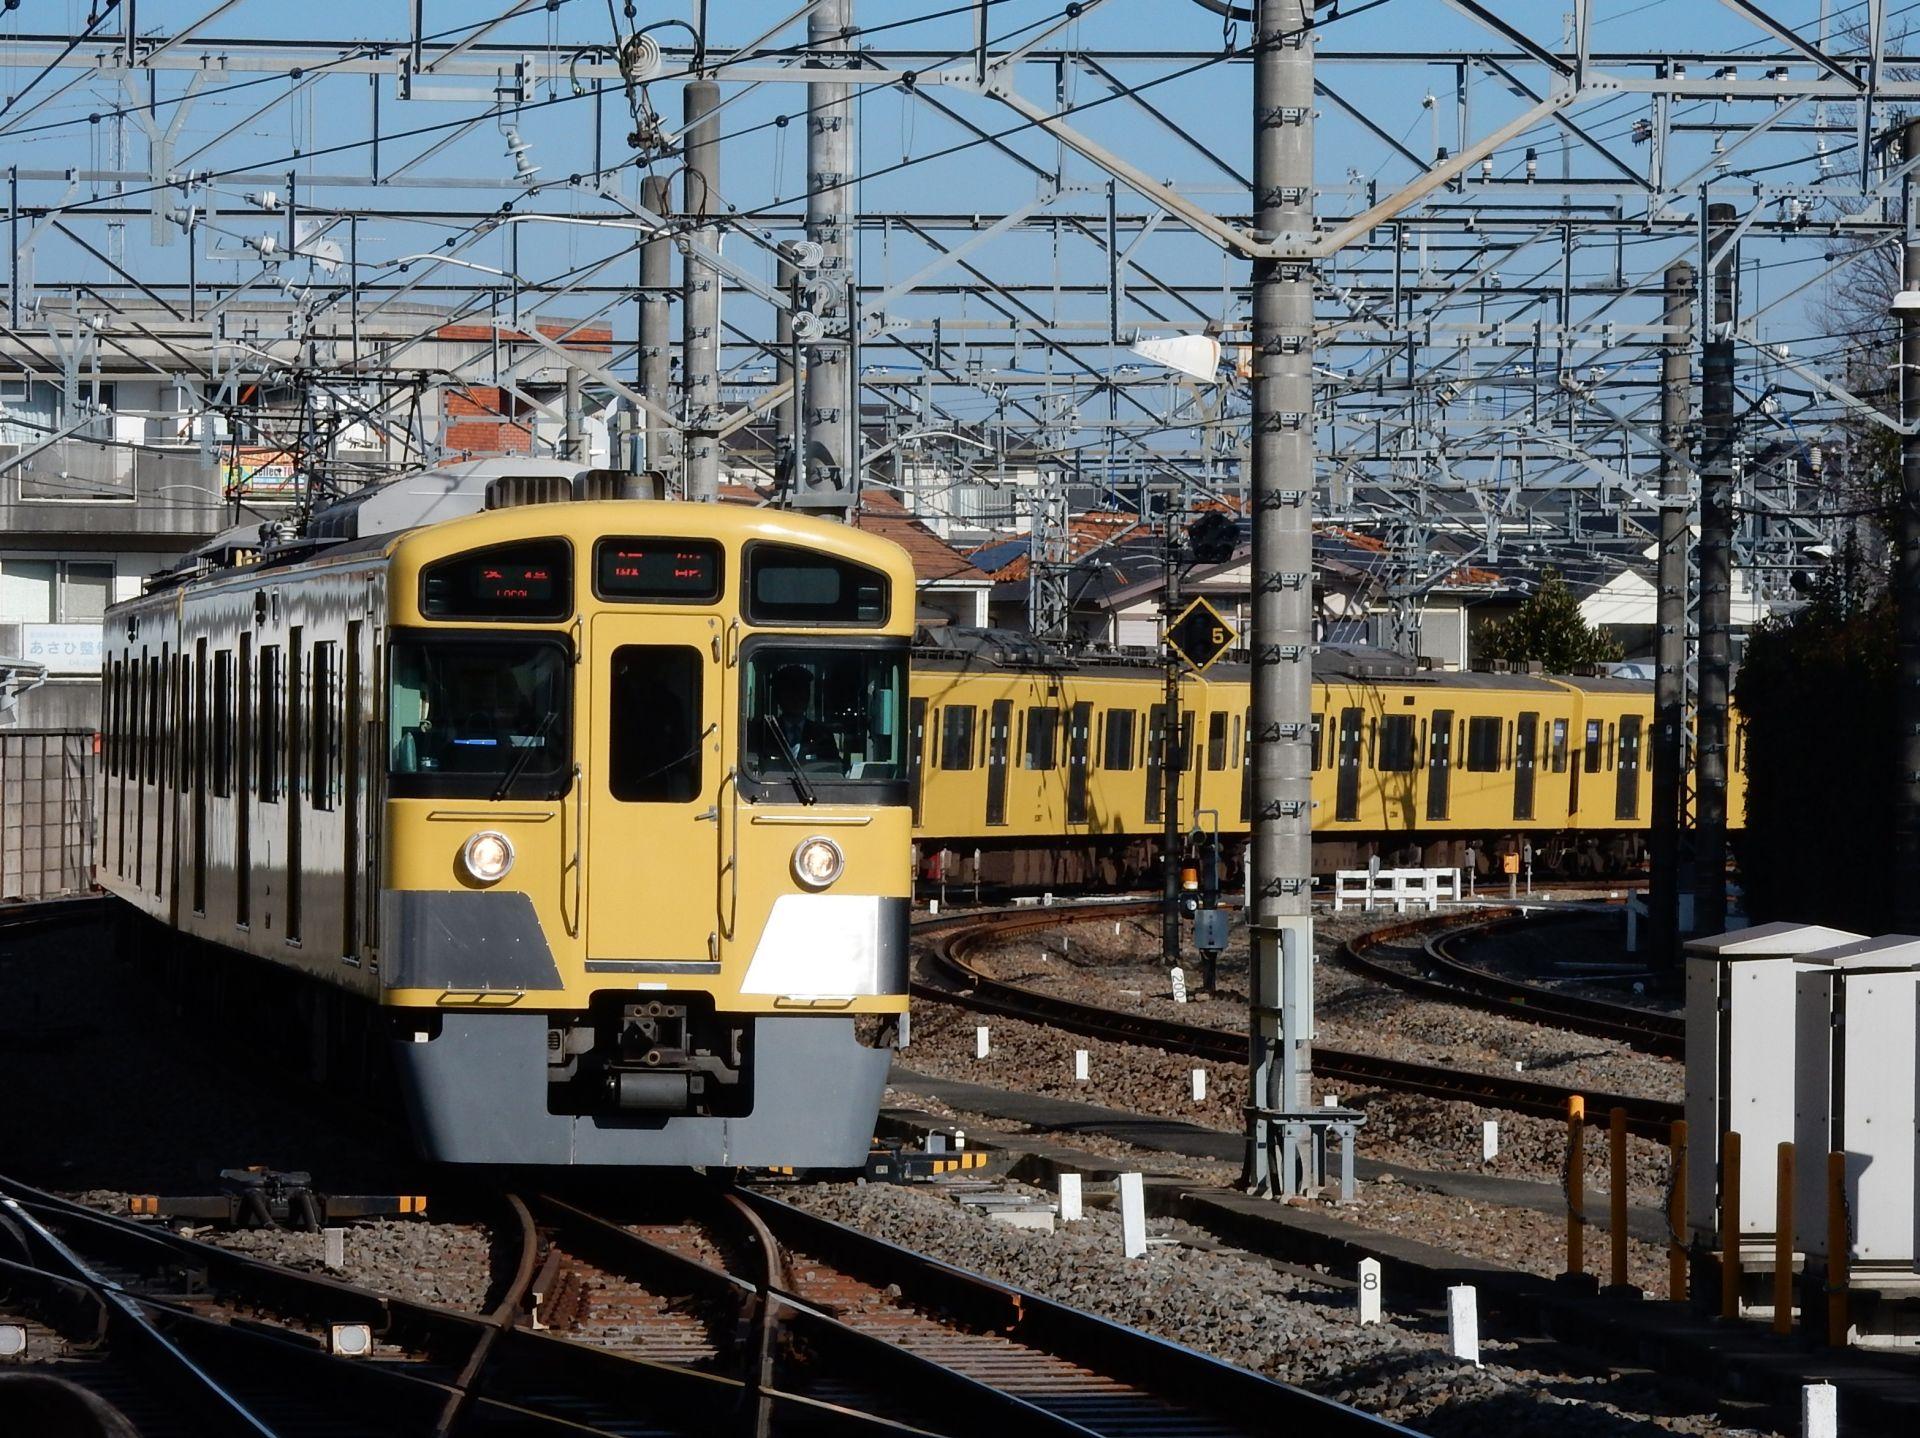 DSCN9311.jpg